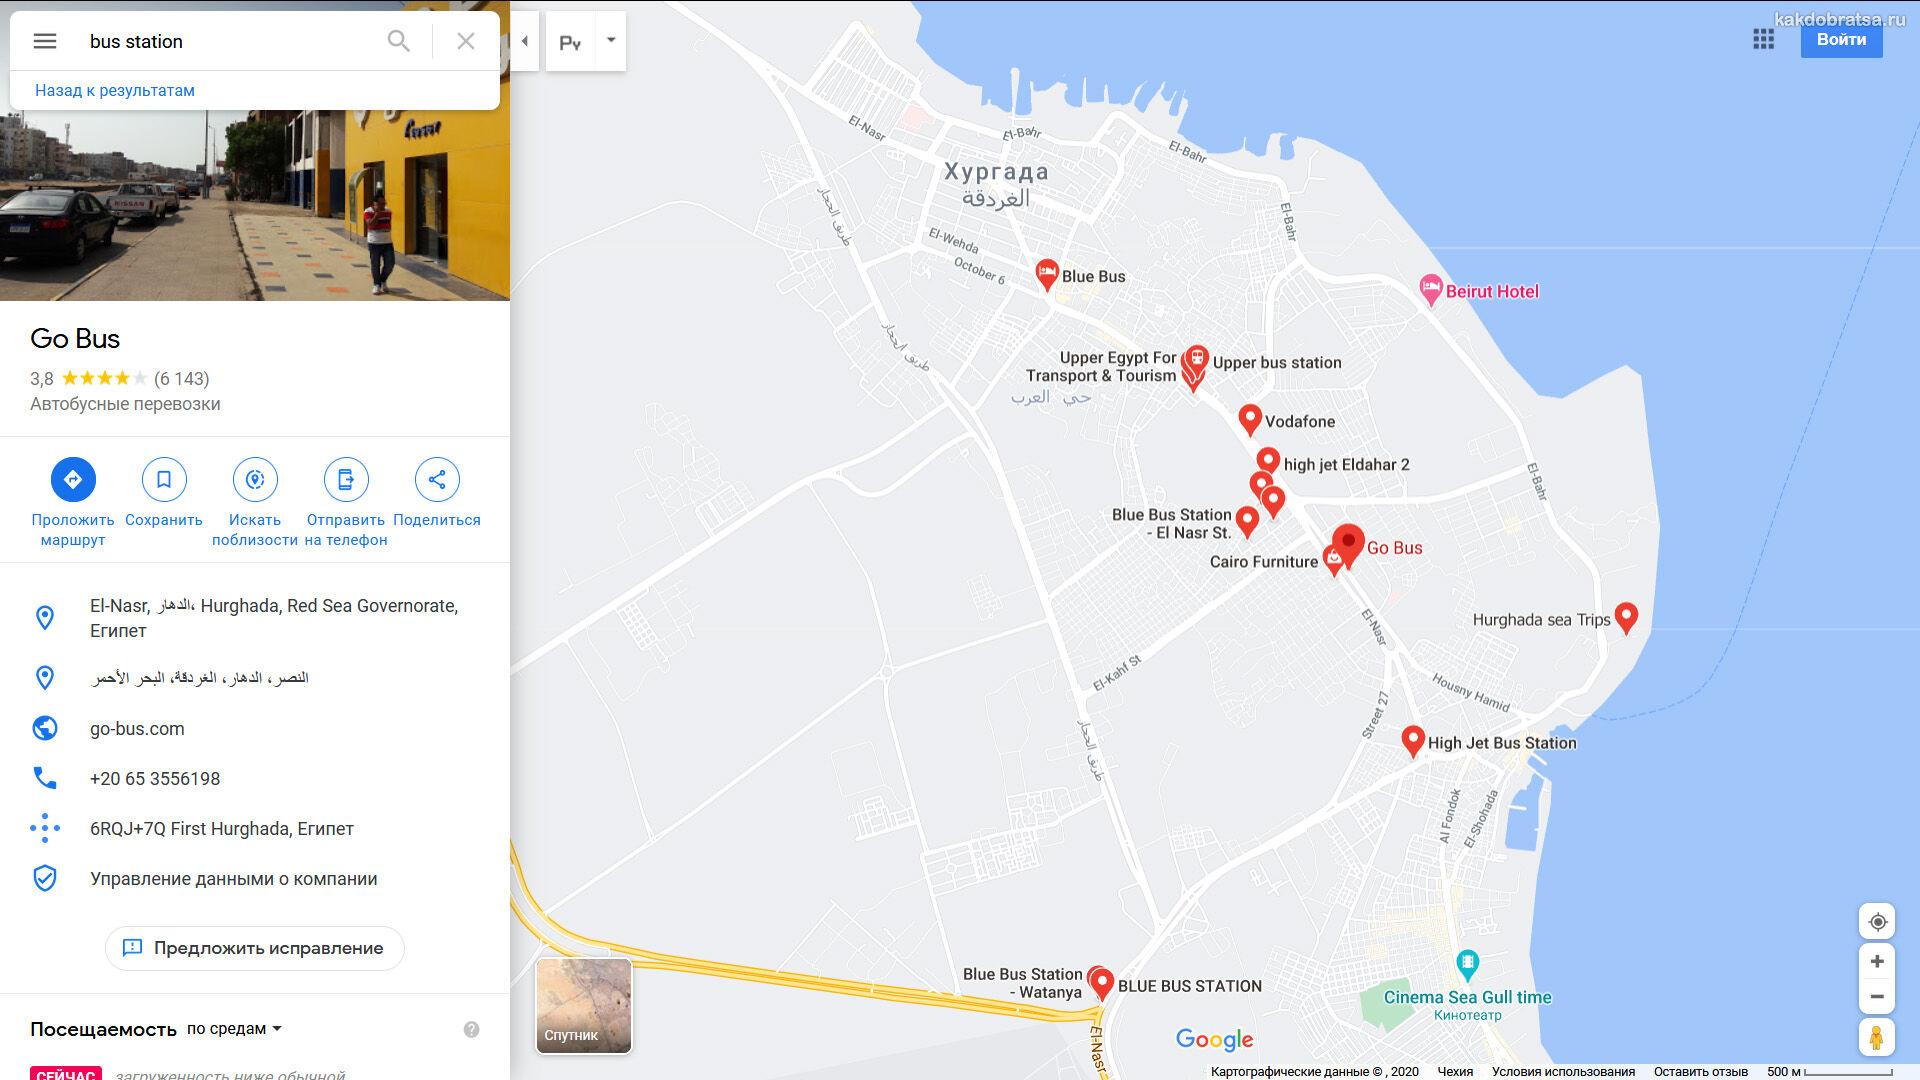 Автовокзалы в Хургаде на карте с адресами